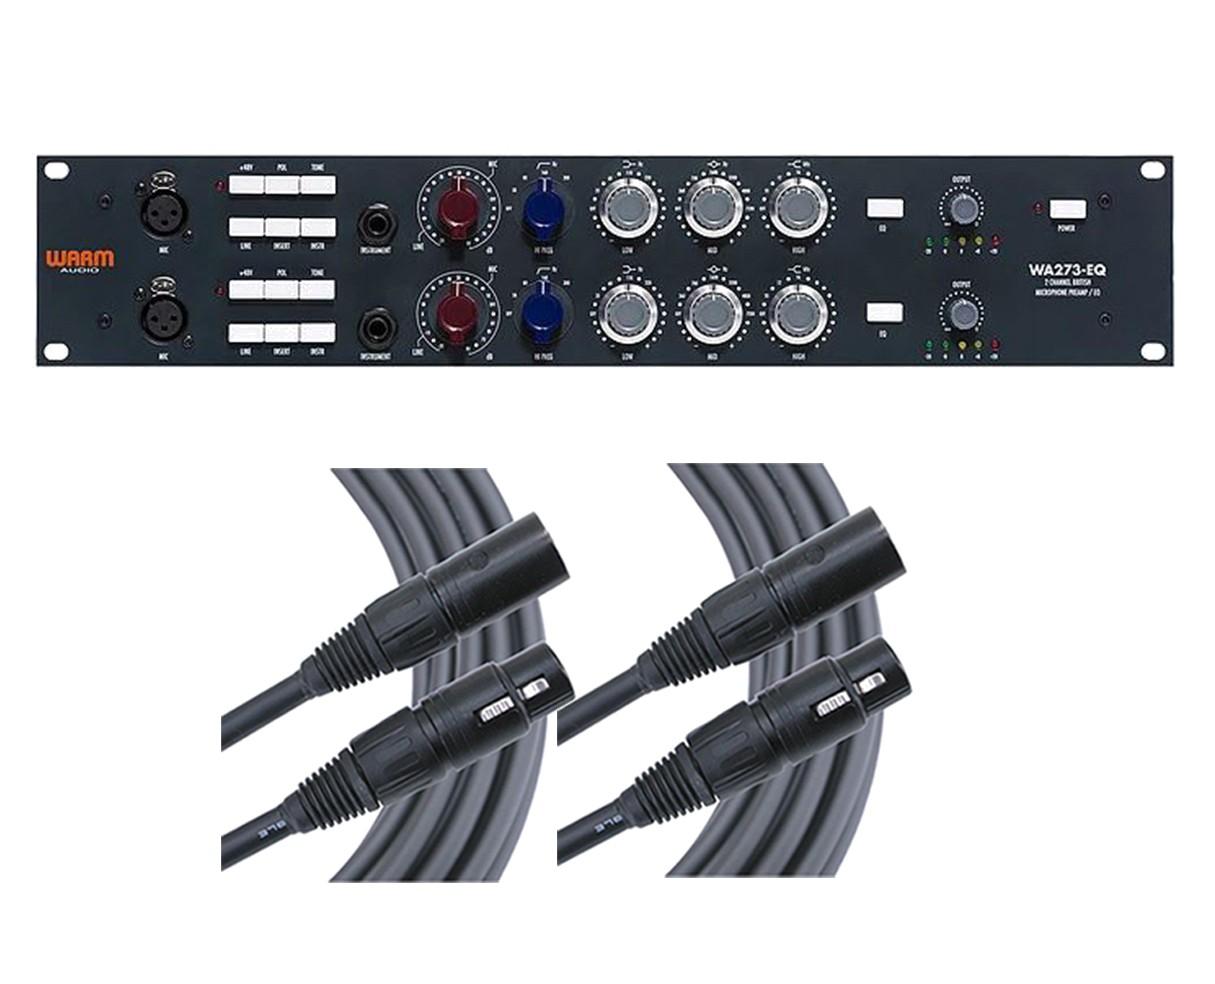 Warm Audio WA273-EQ + Mogami Cable